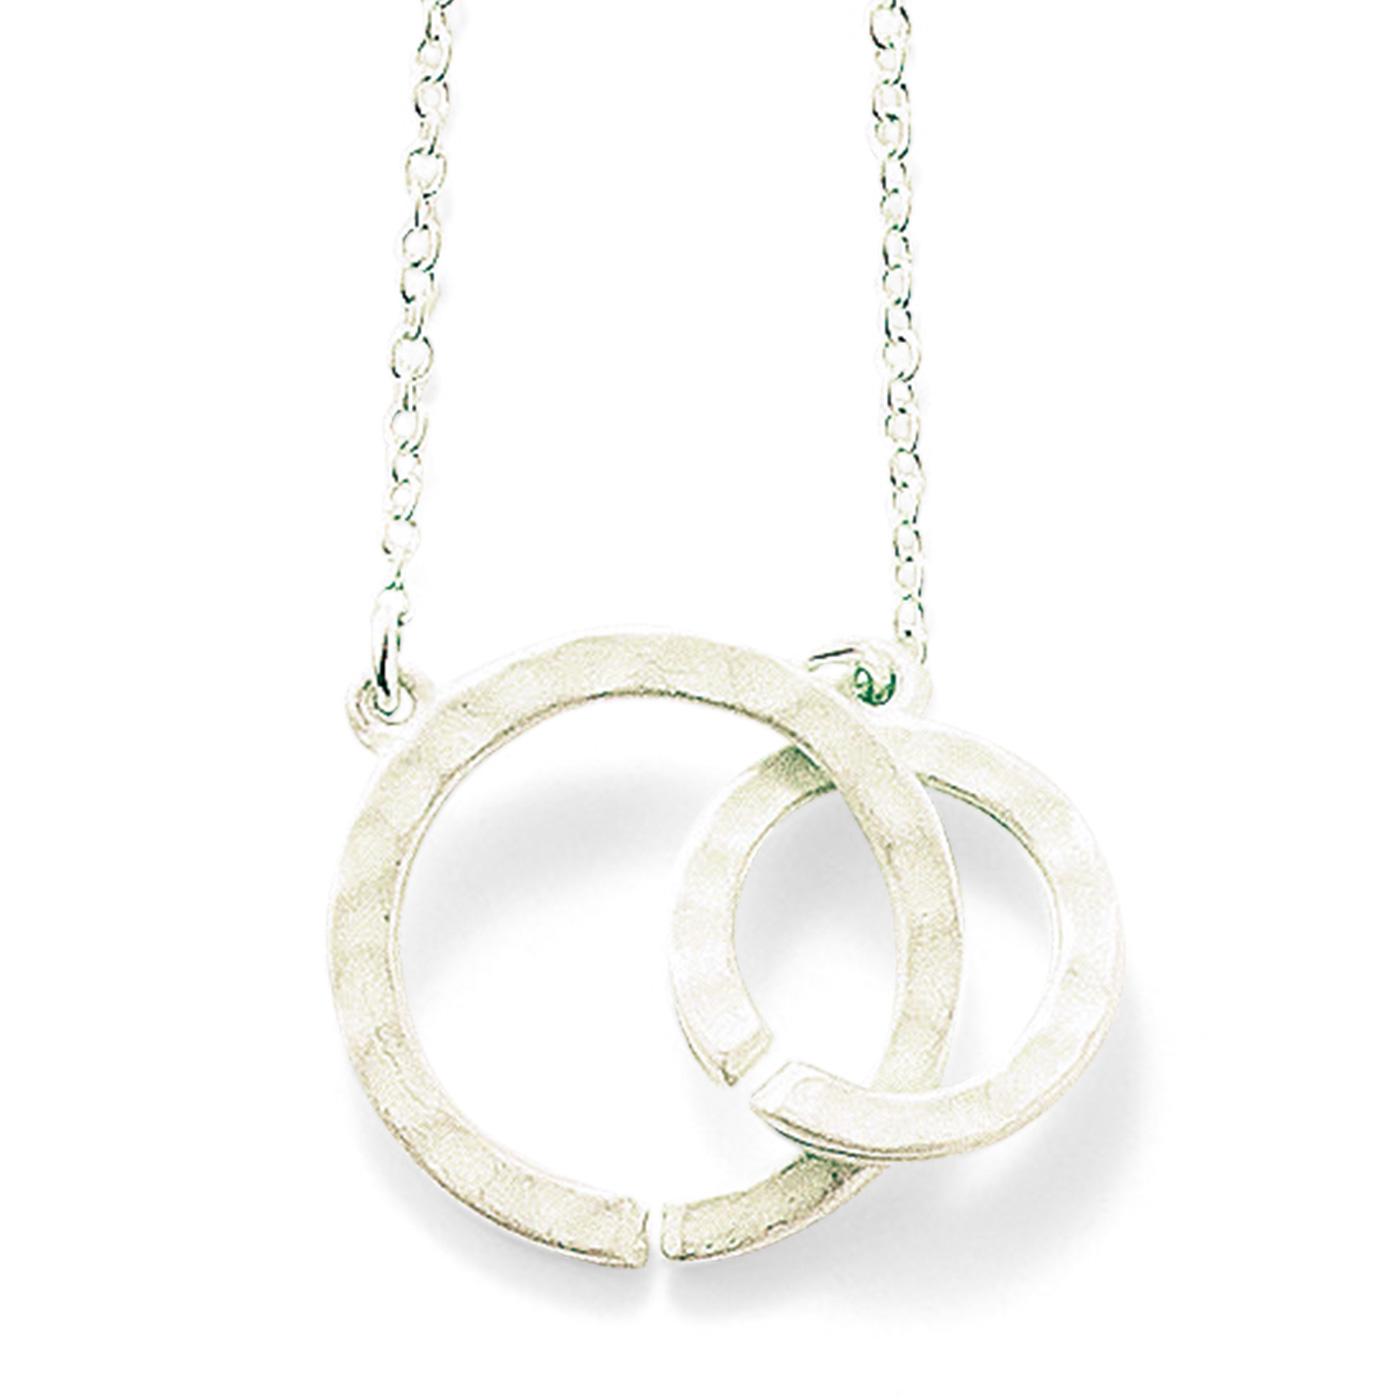 circle モチーフ同士を知恵の輪のようにつなぐ留め具です。